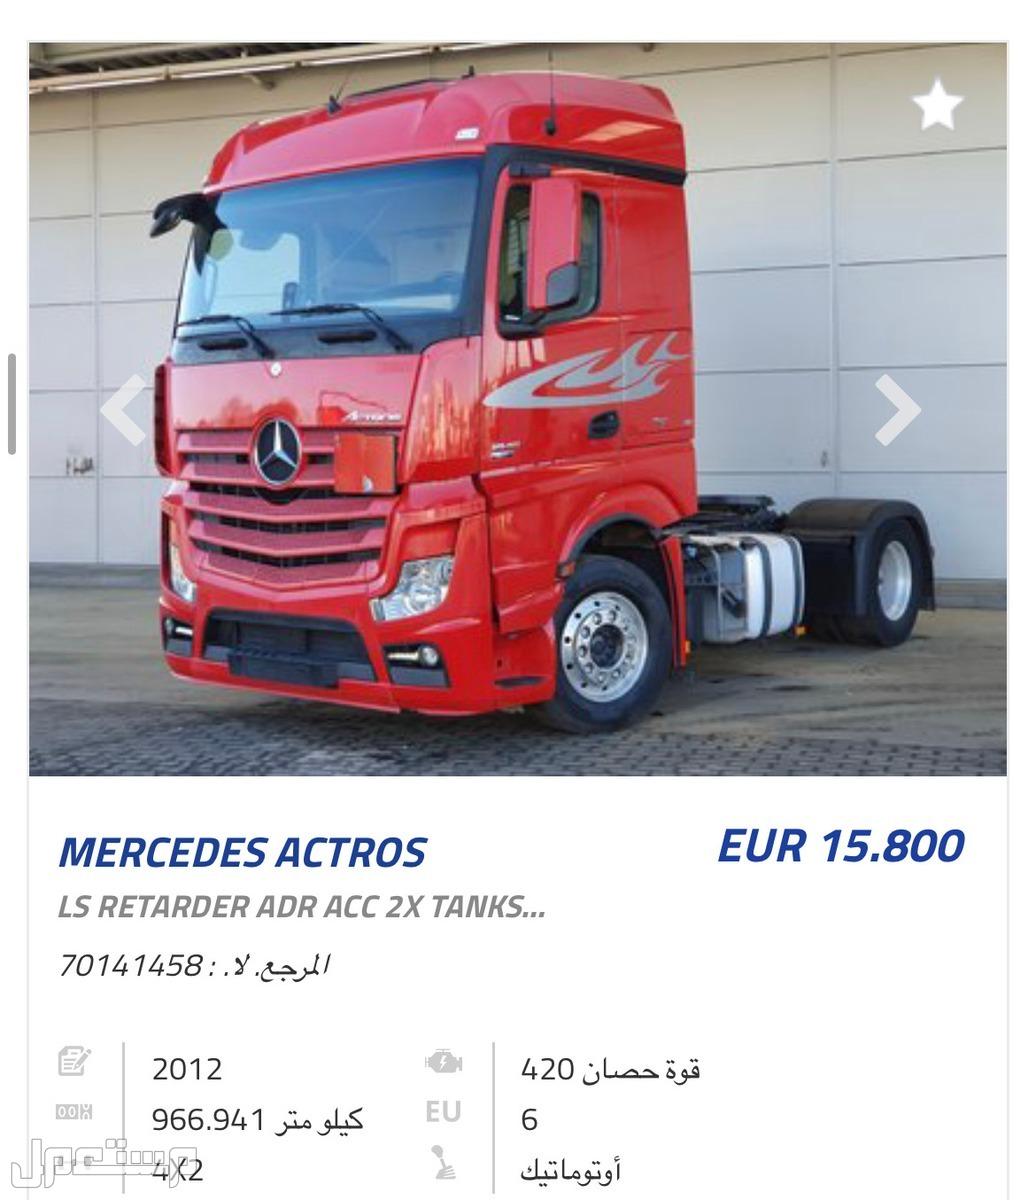 للبيع شاحنات مرسيدس الماني بأفضل الاسعار